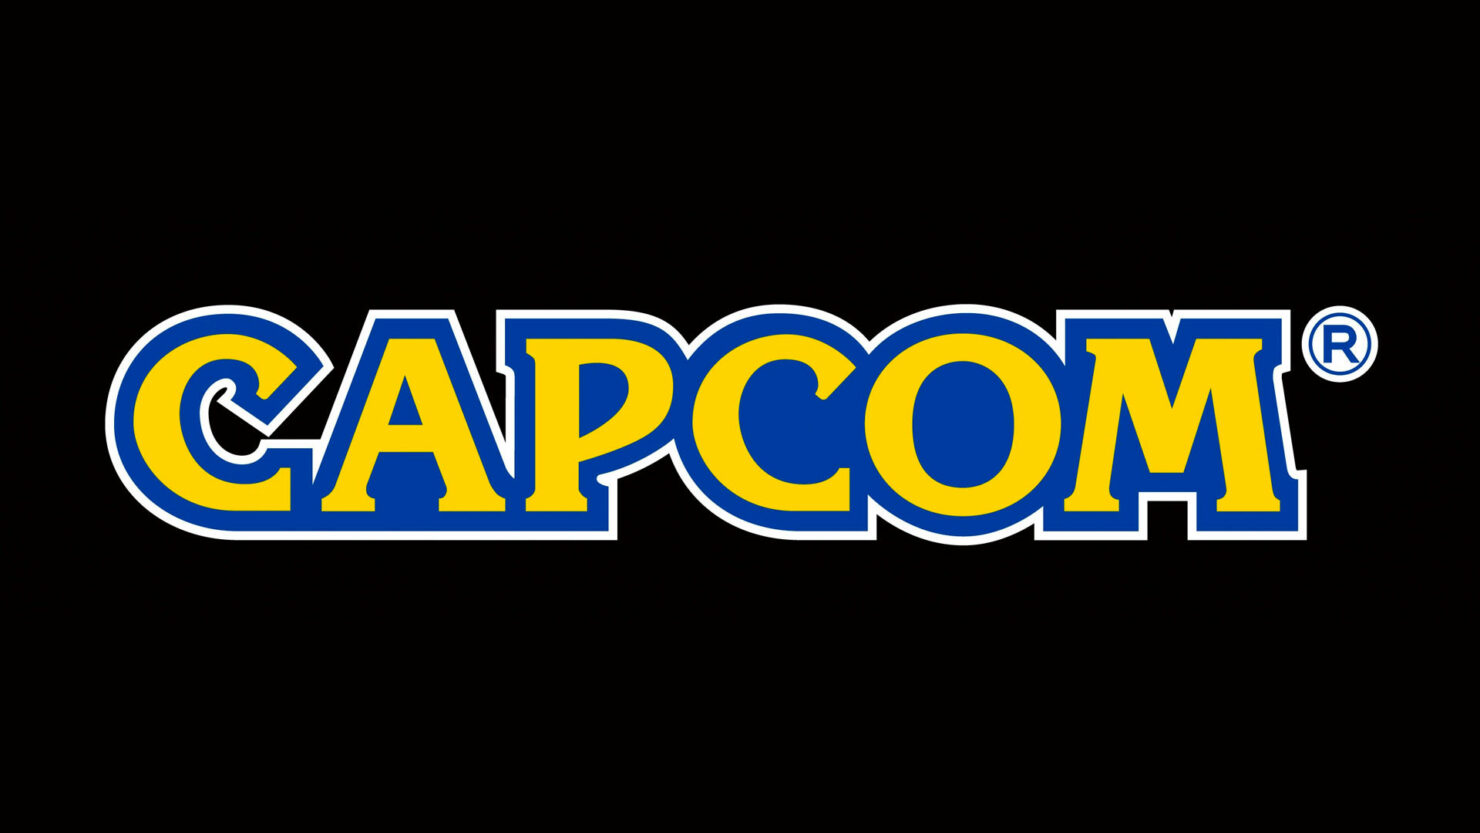 New Capcom game CAPCOM leaks